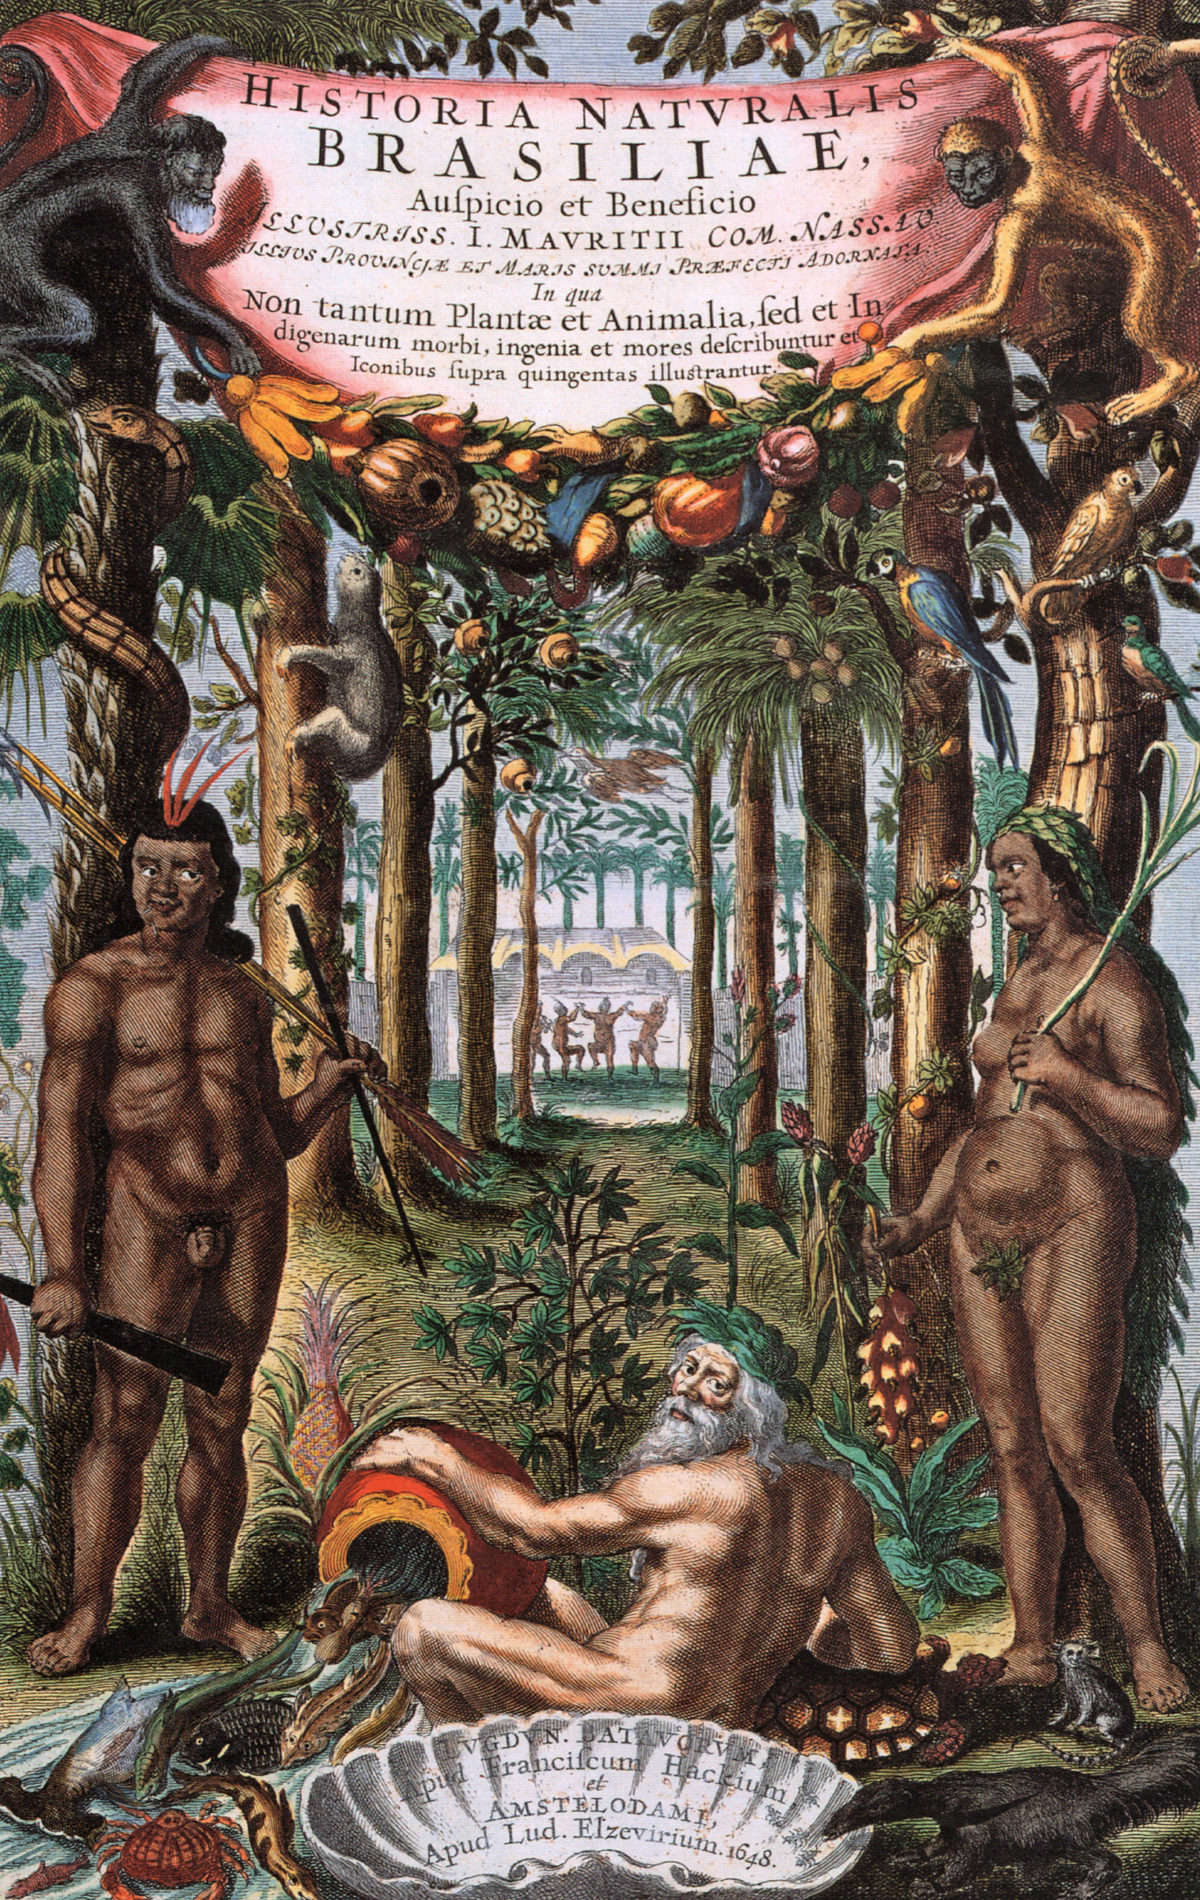 On the Quest again: Historia Naturalis Brasiliae